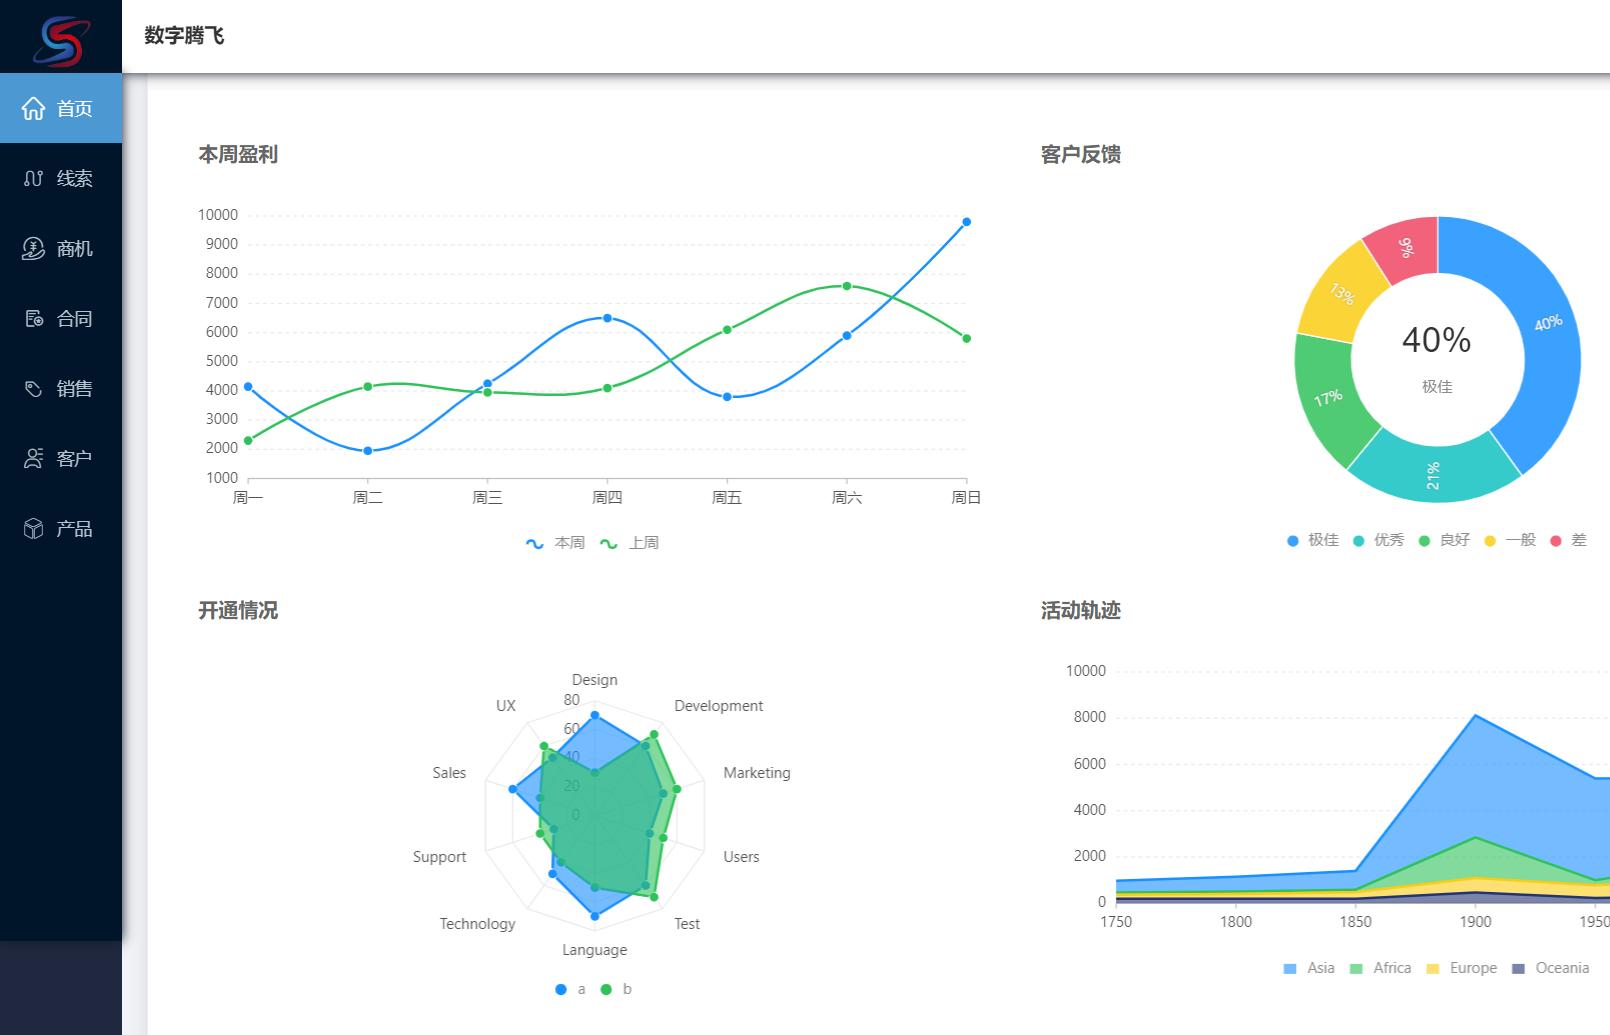 软件界面设计/原型设计/UI设计/产品规划